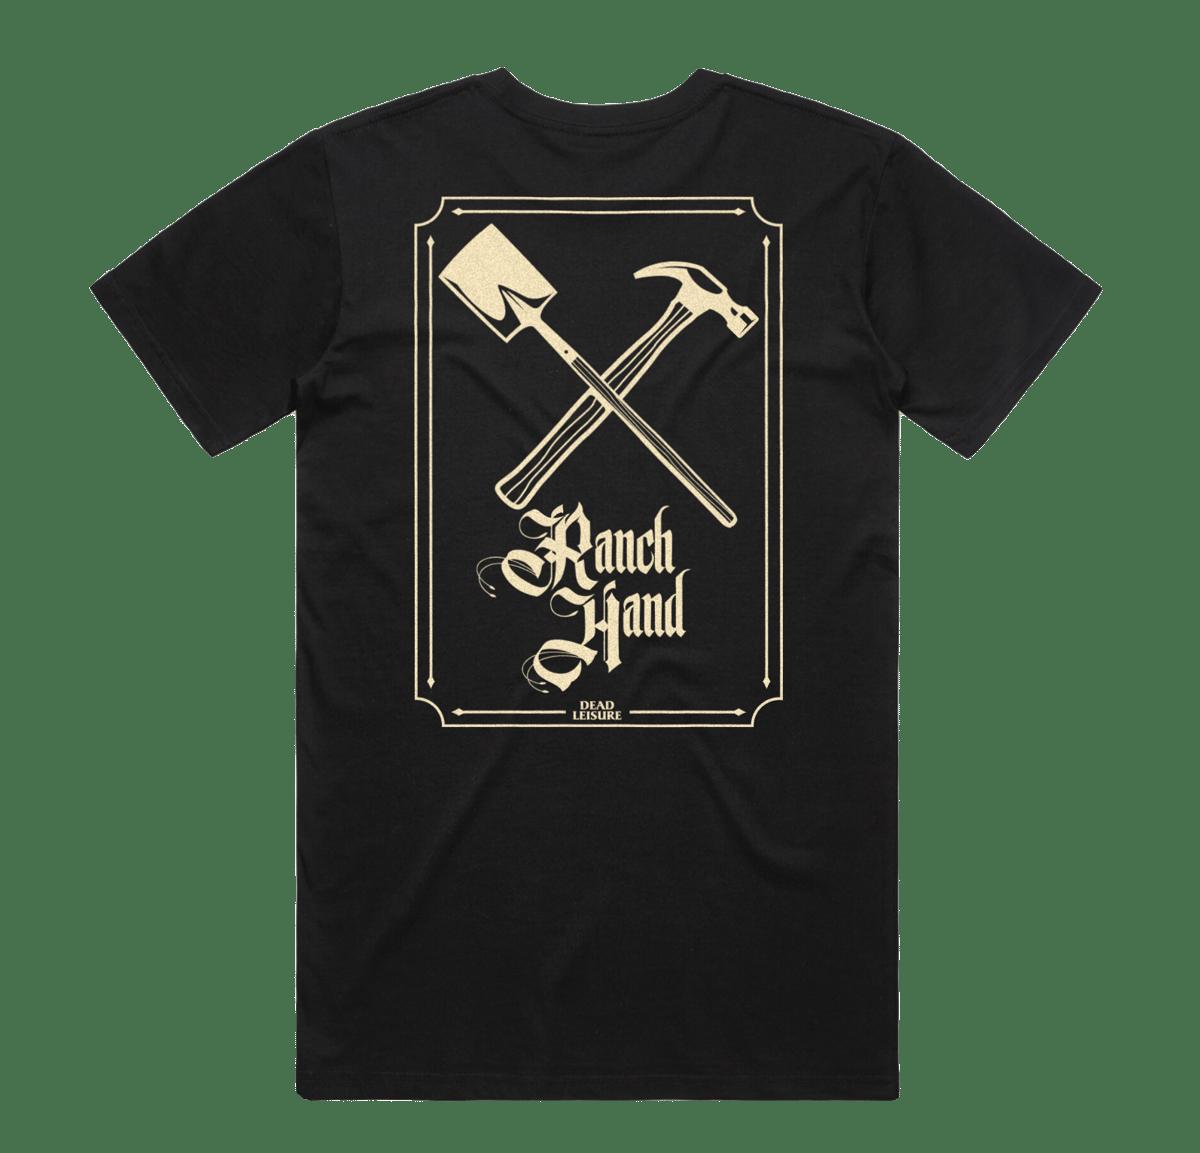 Ranch Hand X DL T-shirt - Black